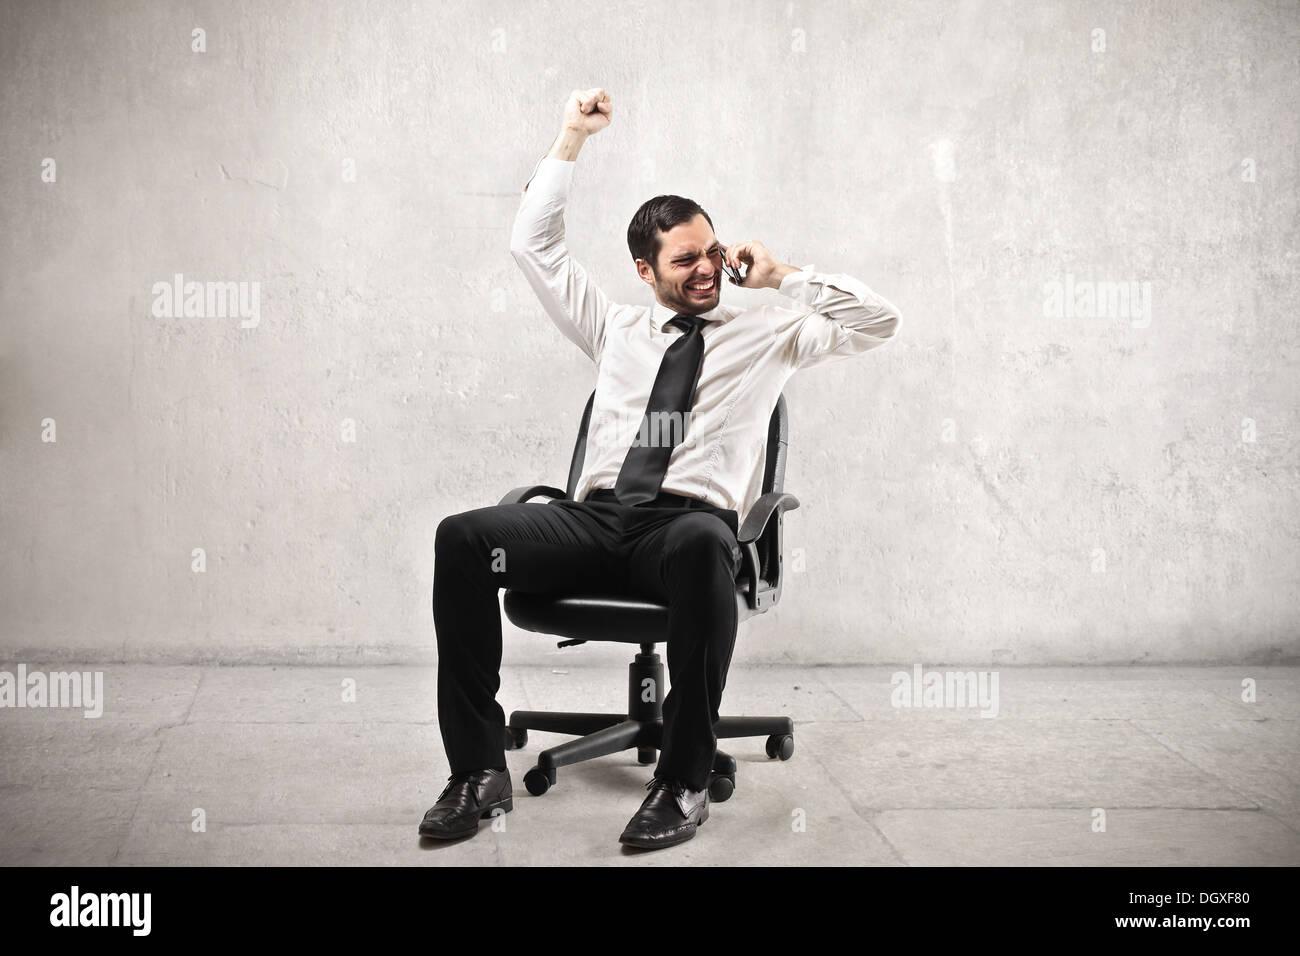 Businessman réjouissance Photo Stock